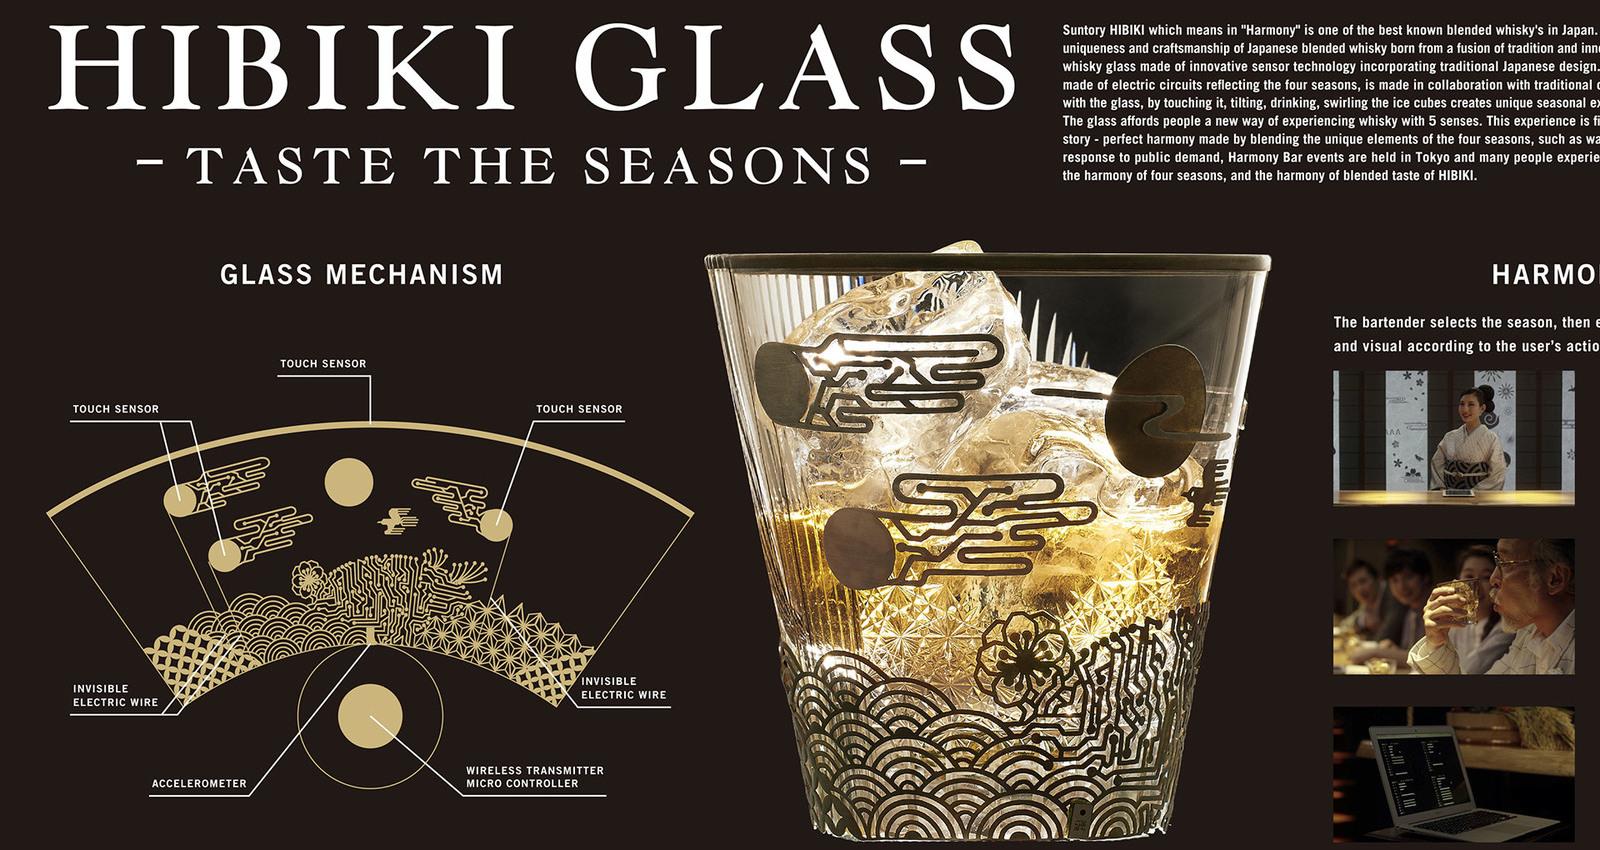 HIBIKI GLASS